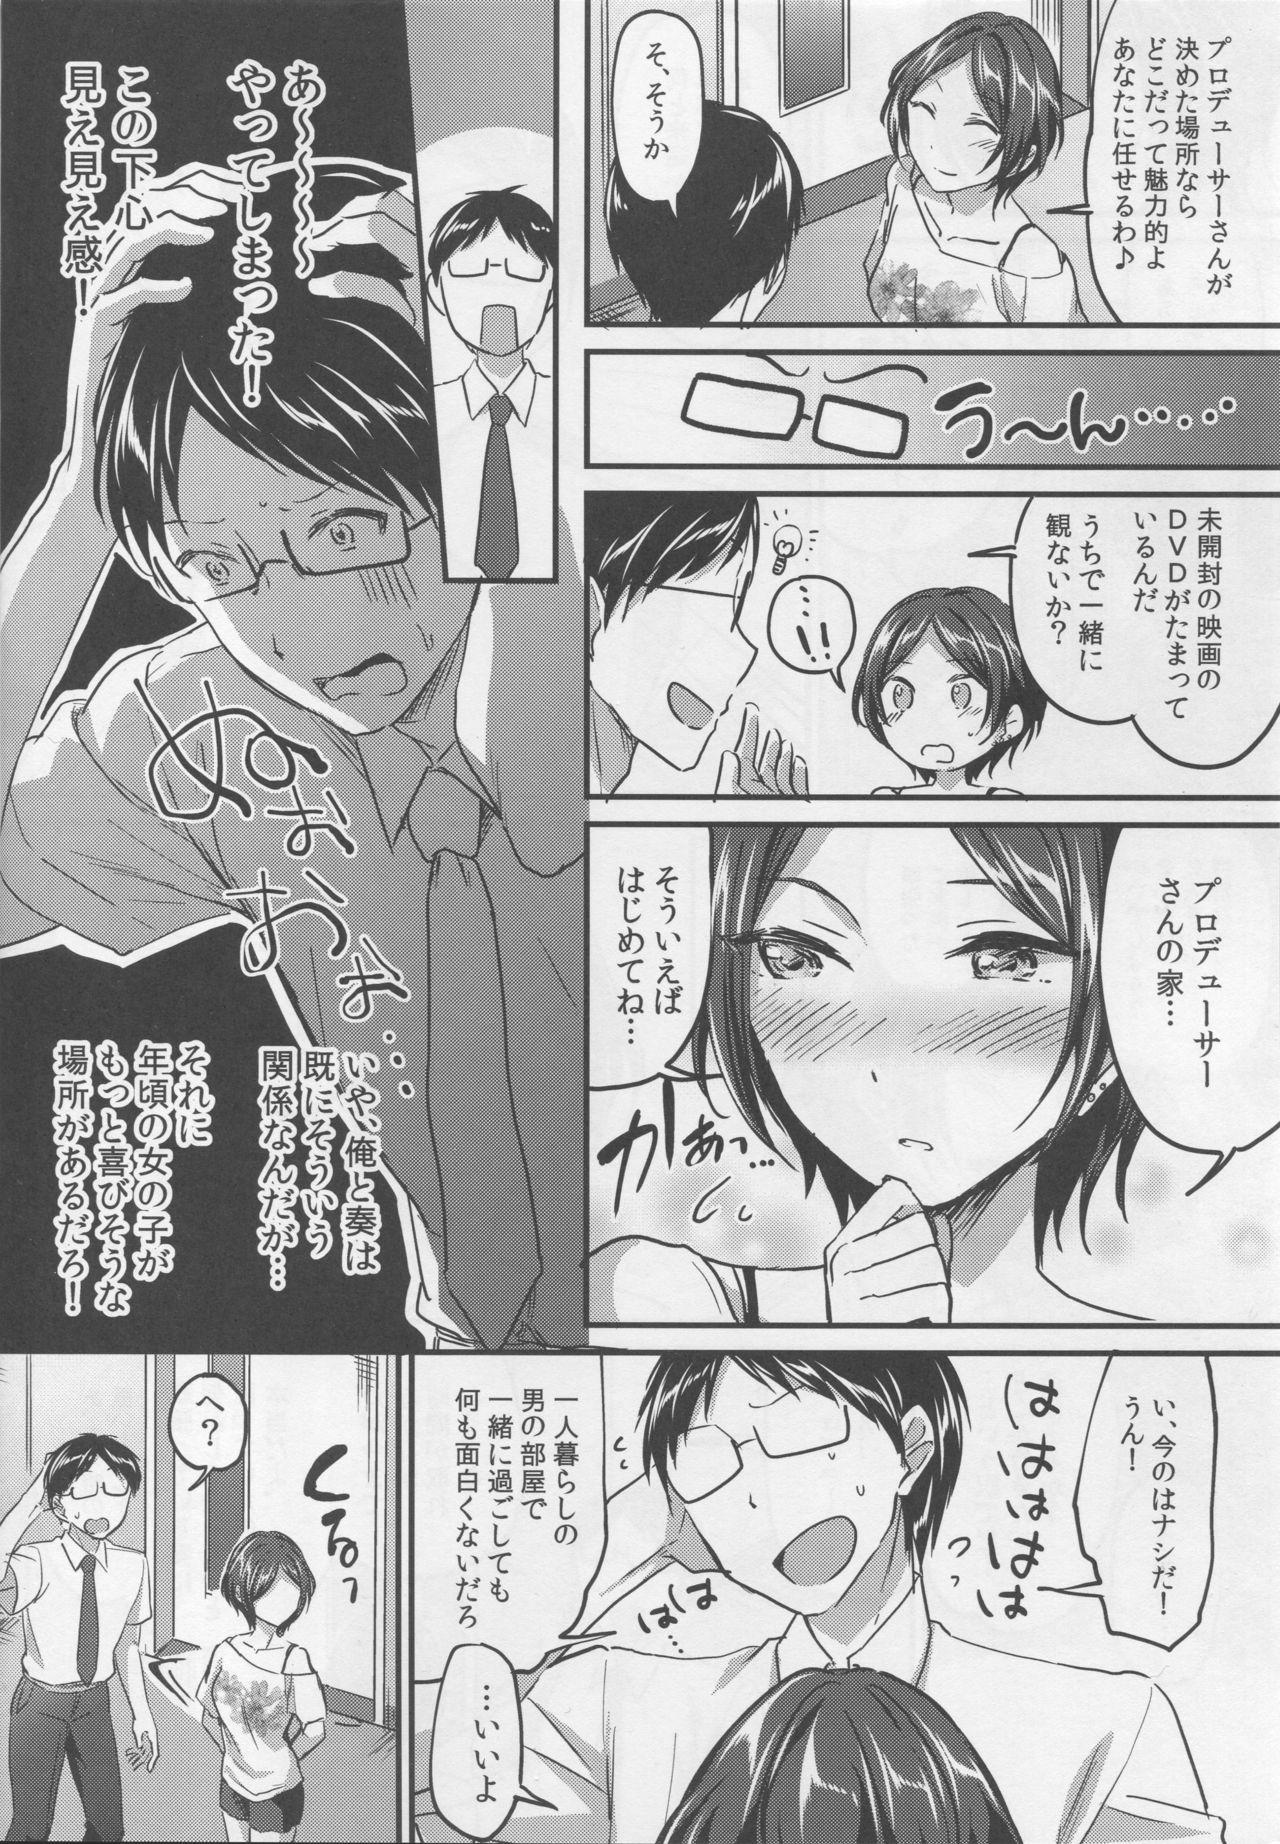 Hayami Kanade to Icha Love 7 Days 2